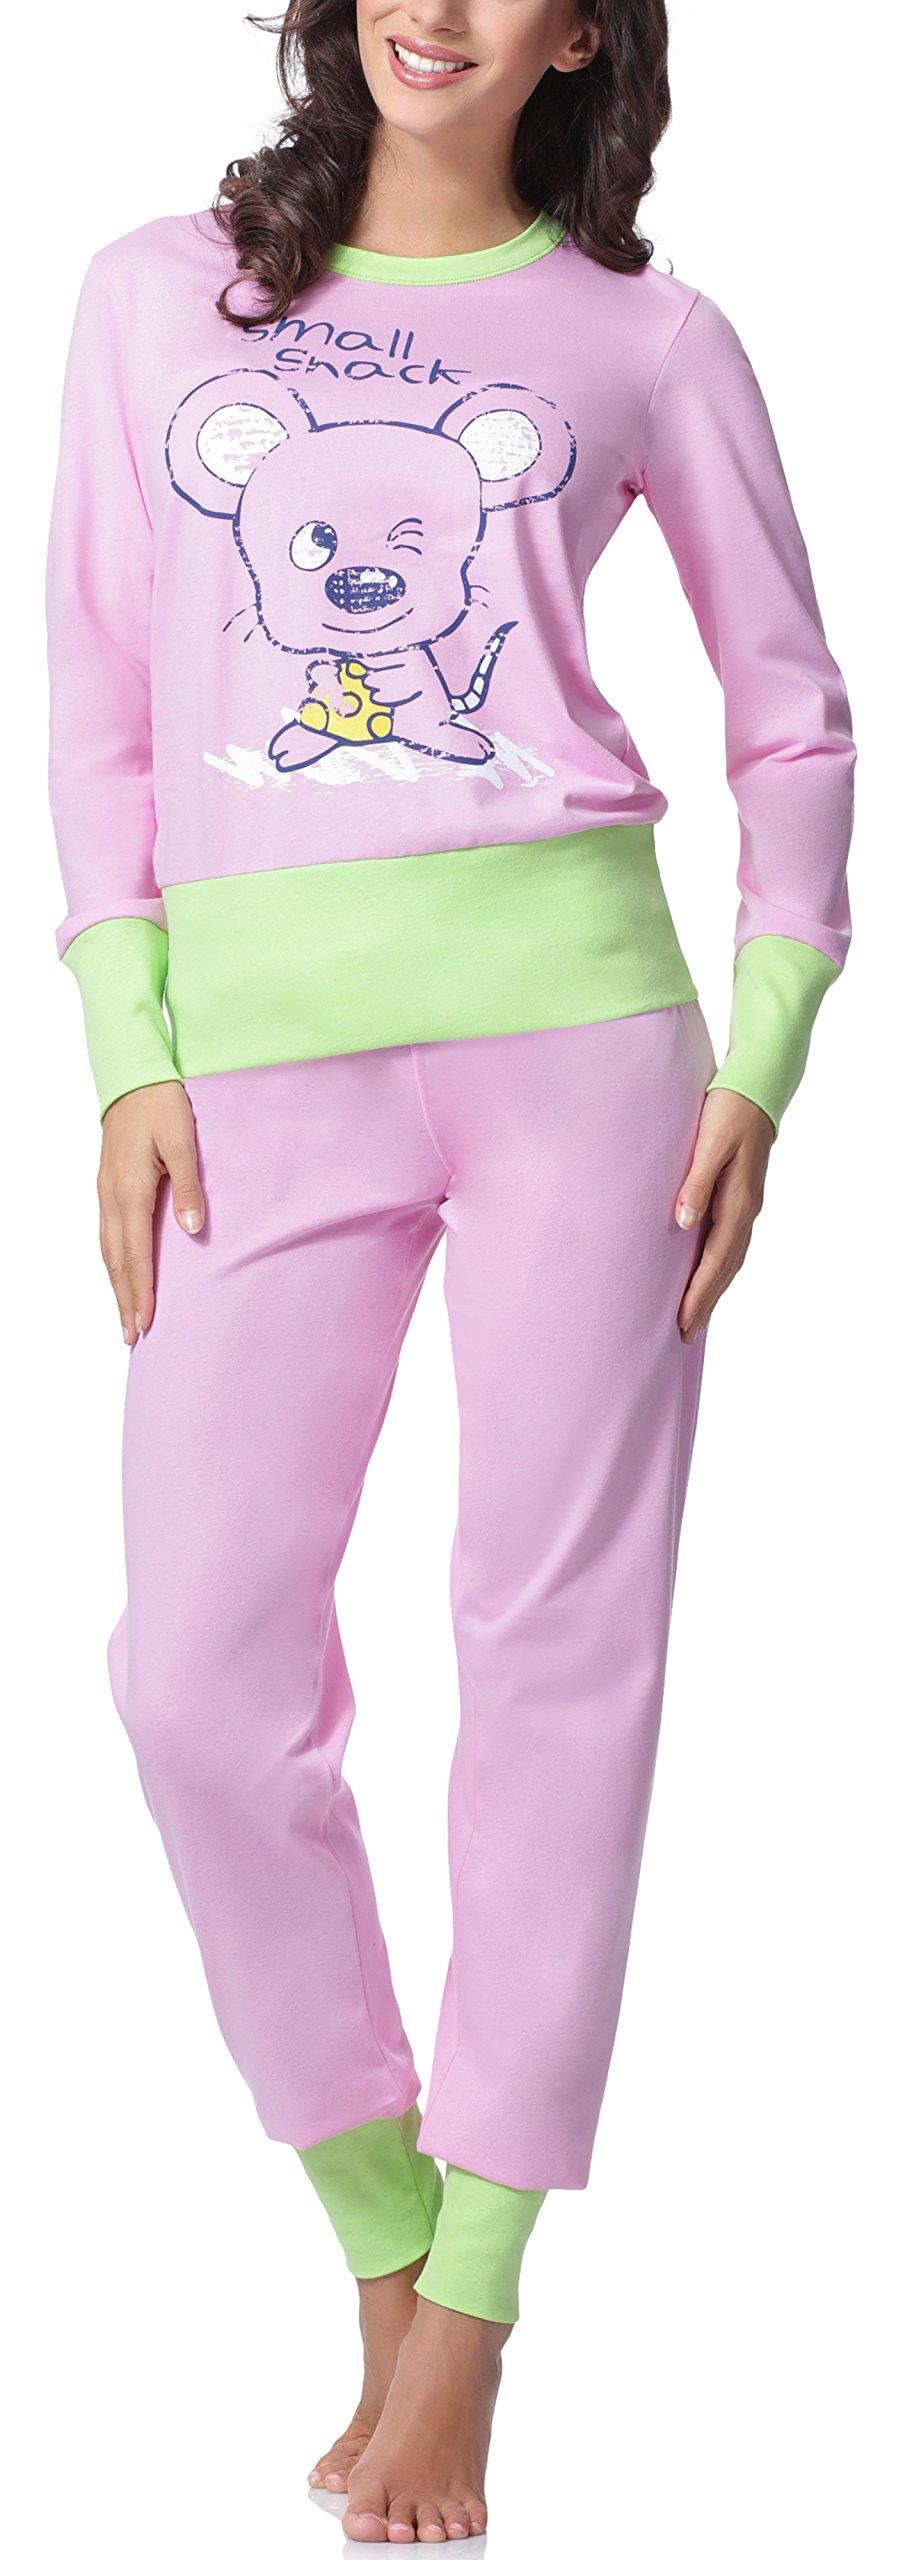 Italian Fashion IF Pijamas para mujer M007 product image